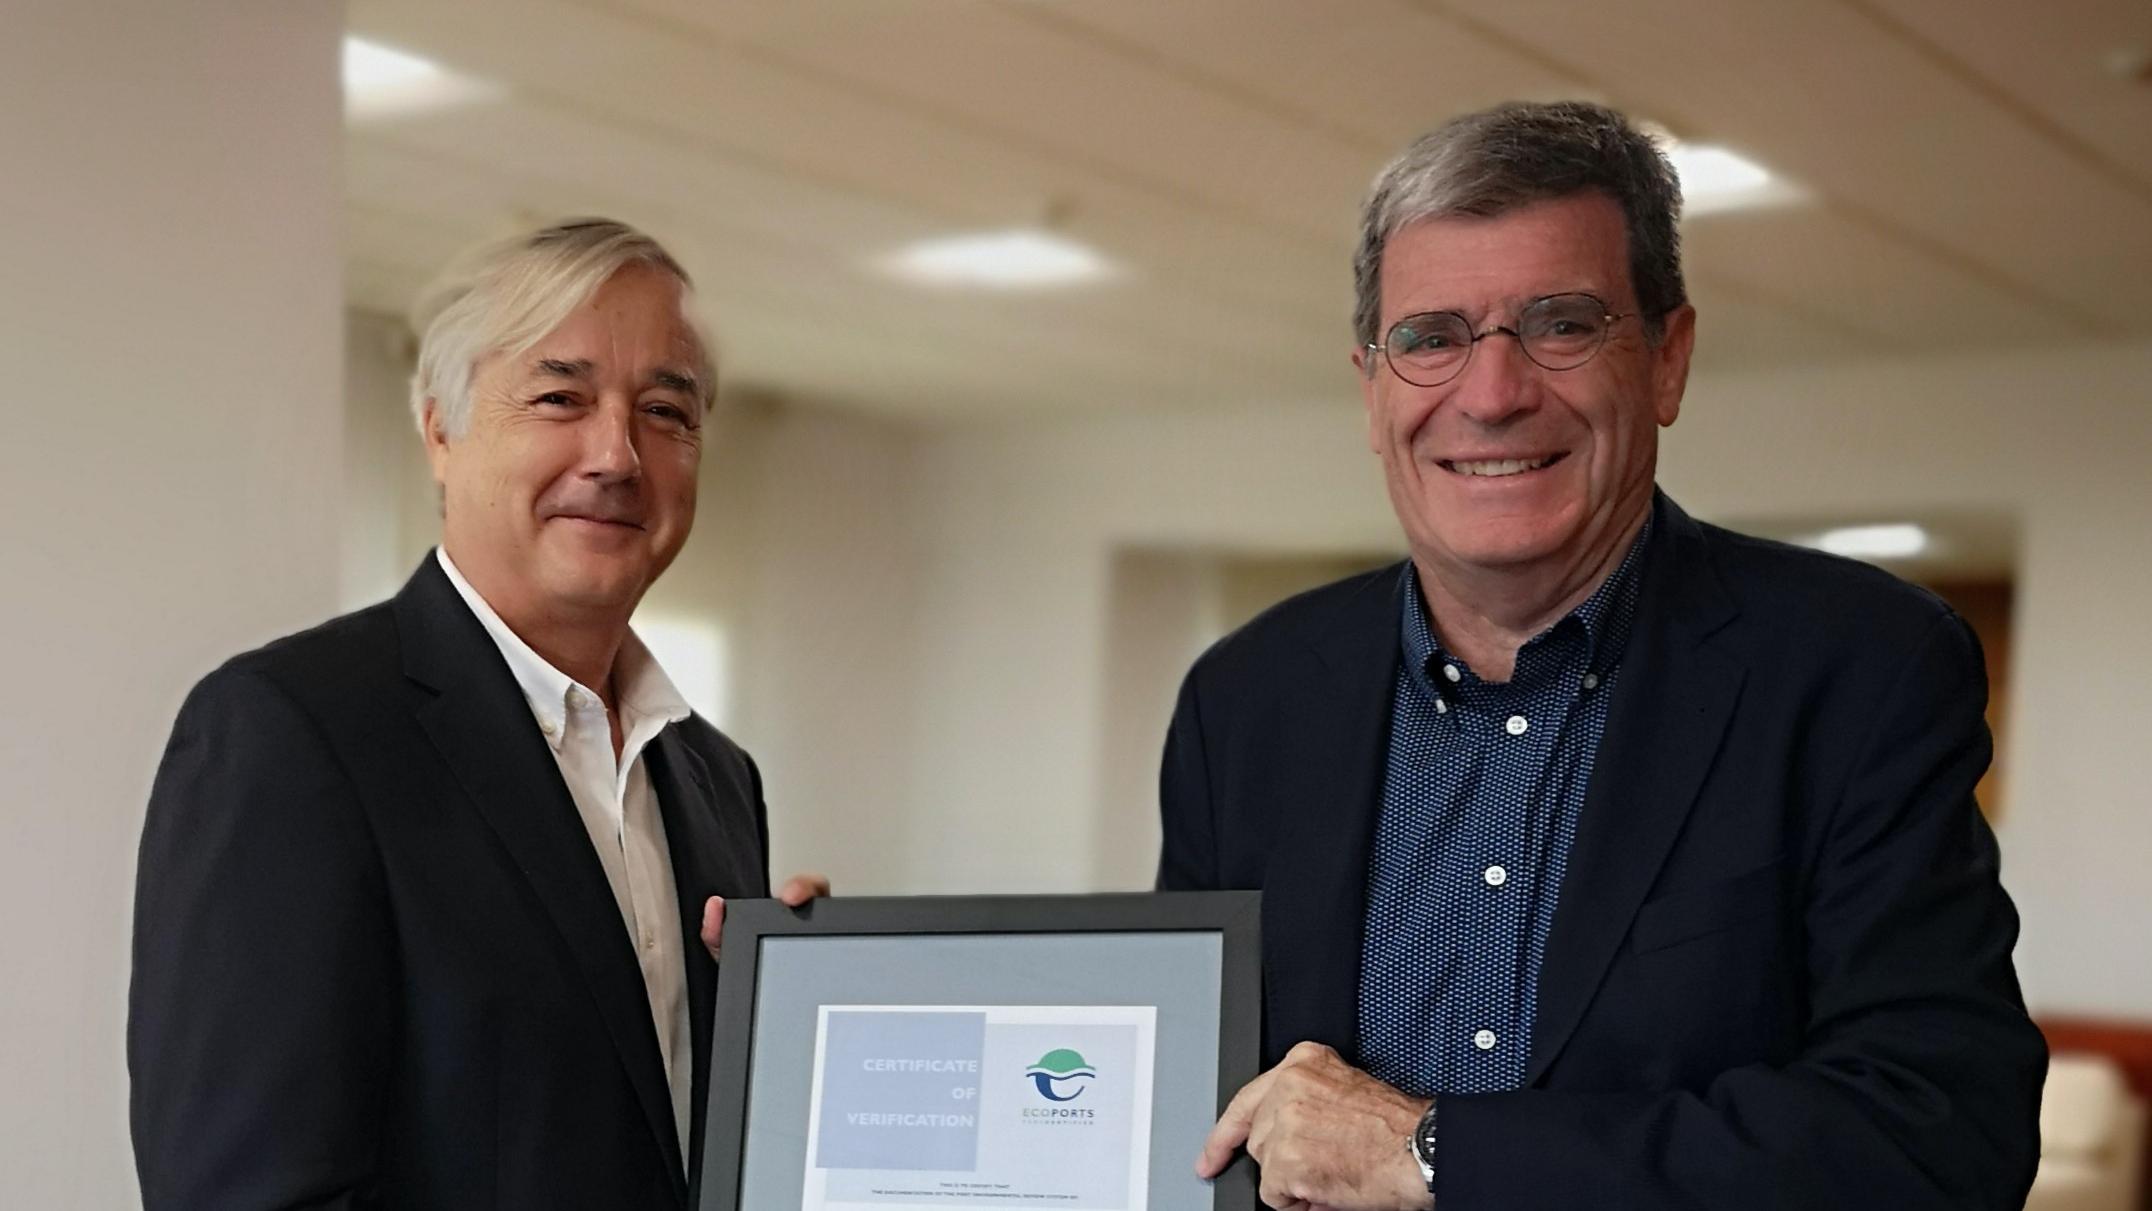 Los puertos europeos reconocen la excelencia medioambiental de Valenciaport